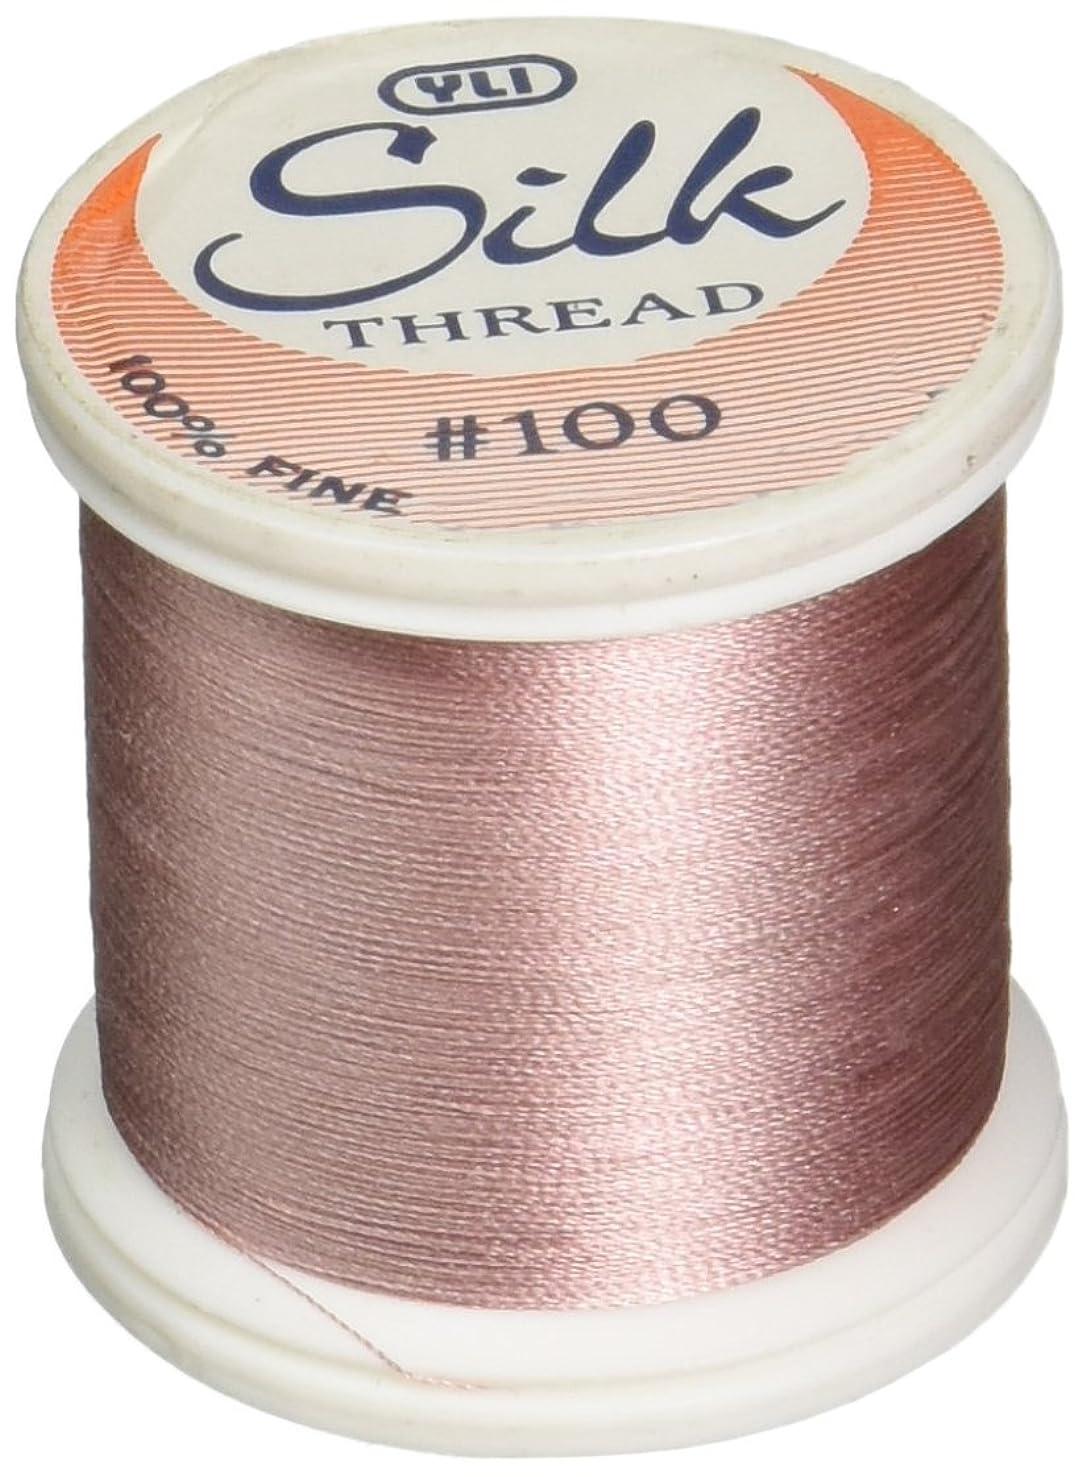 YLI Corporation Silk Thread 100 Weight 218 Yd. Spool: 202-10-257